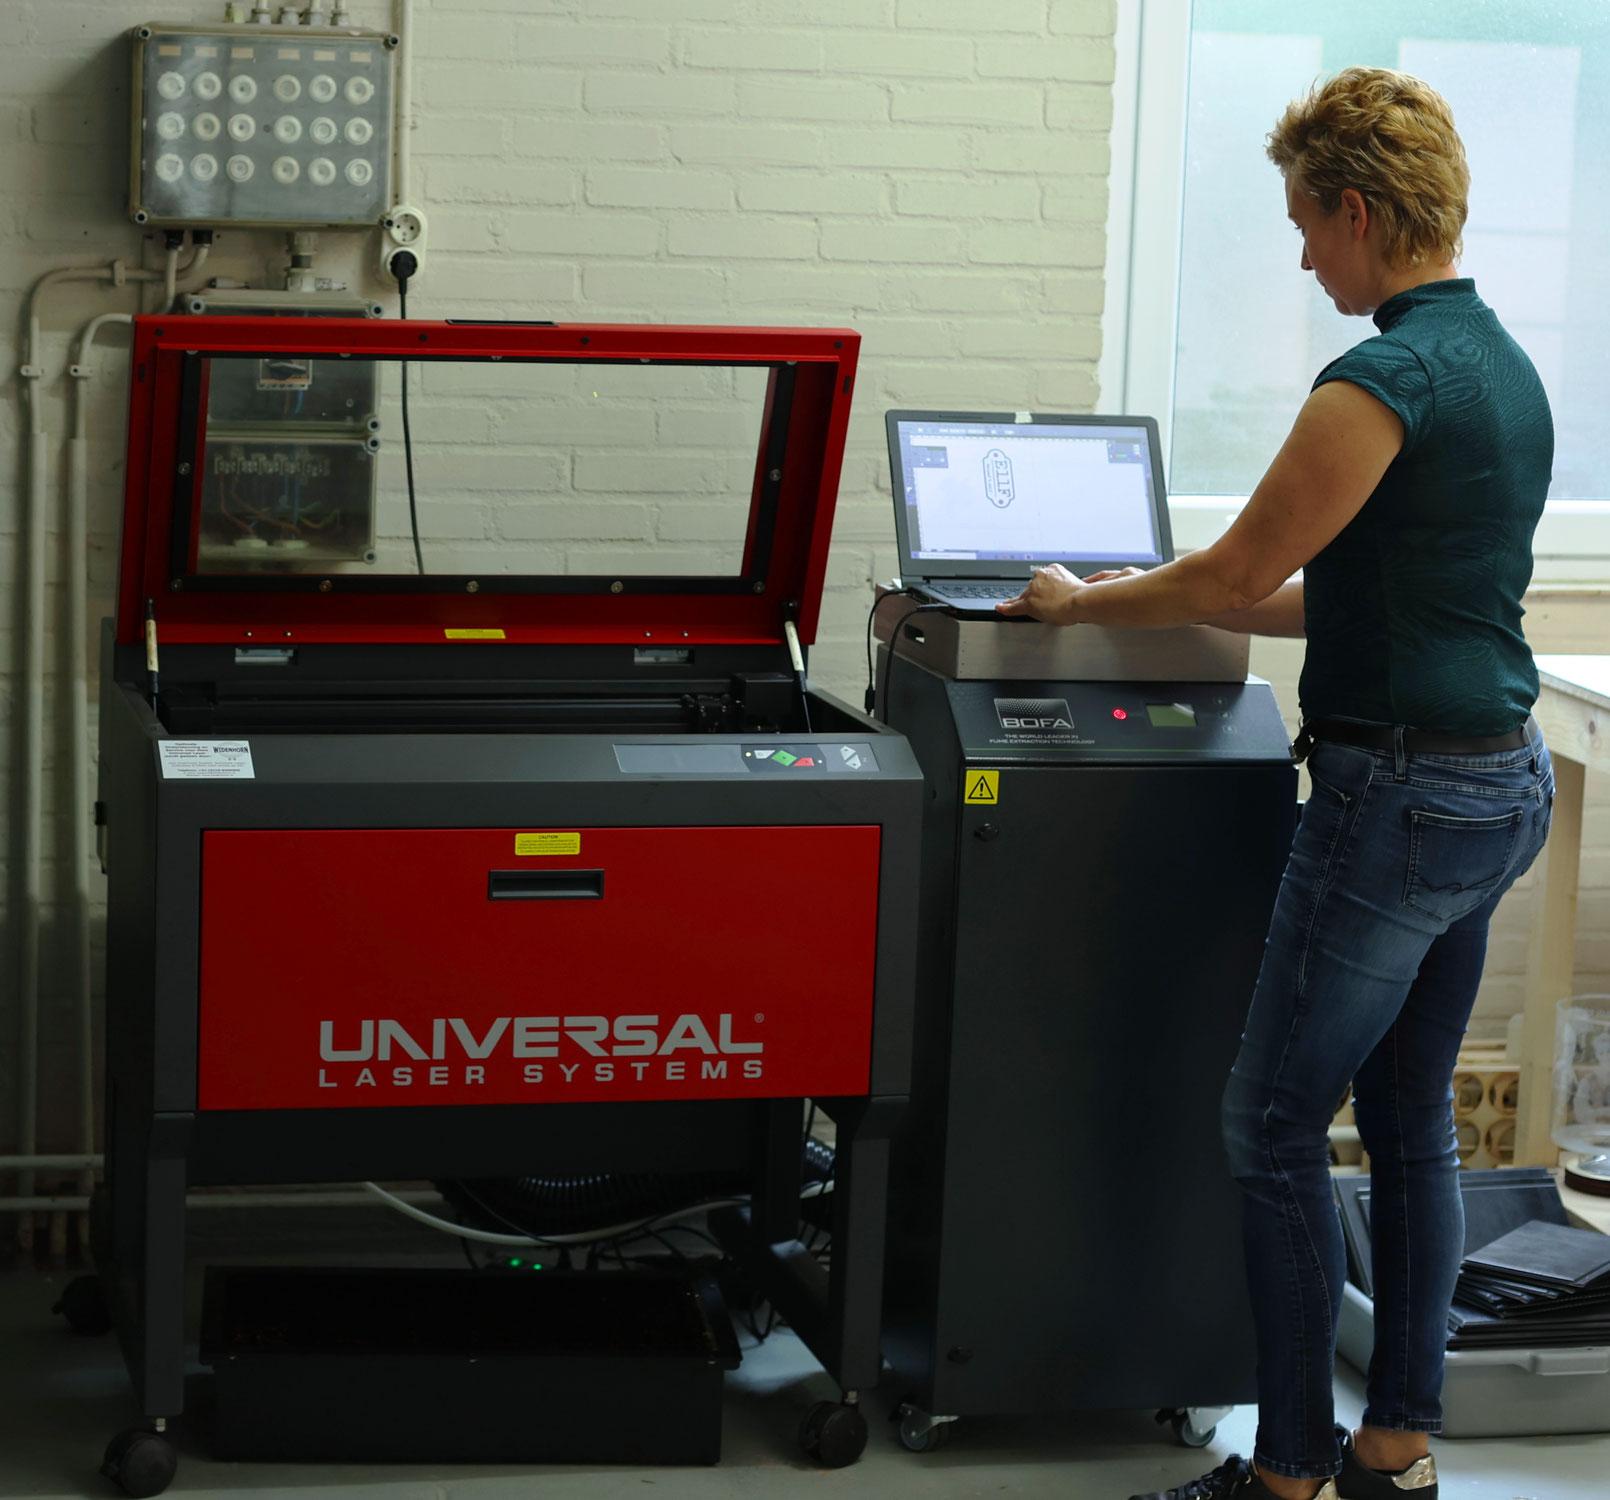 SandD-art maakt unieke gepersonaliseerde producten met de Universal Laser van Widenhorn